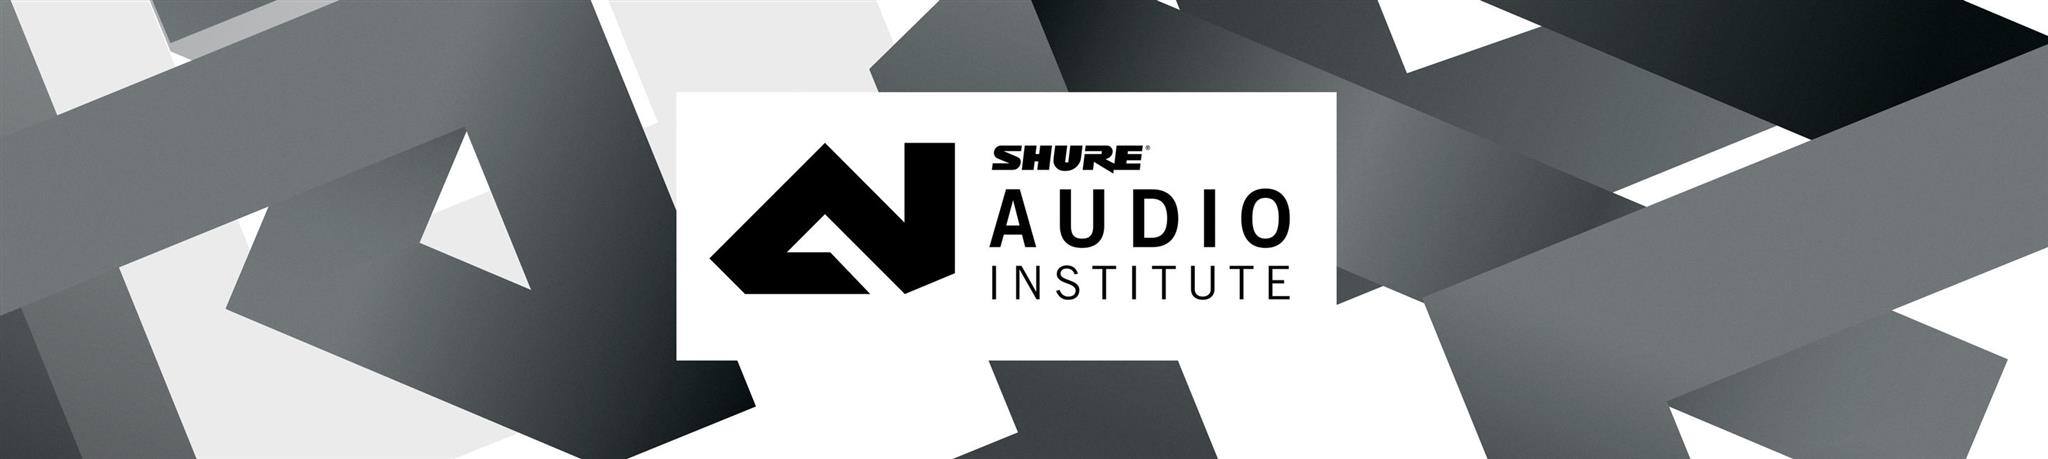 shure_audio_institute_art_center-header-shure_eu_2016